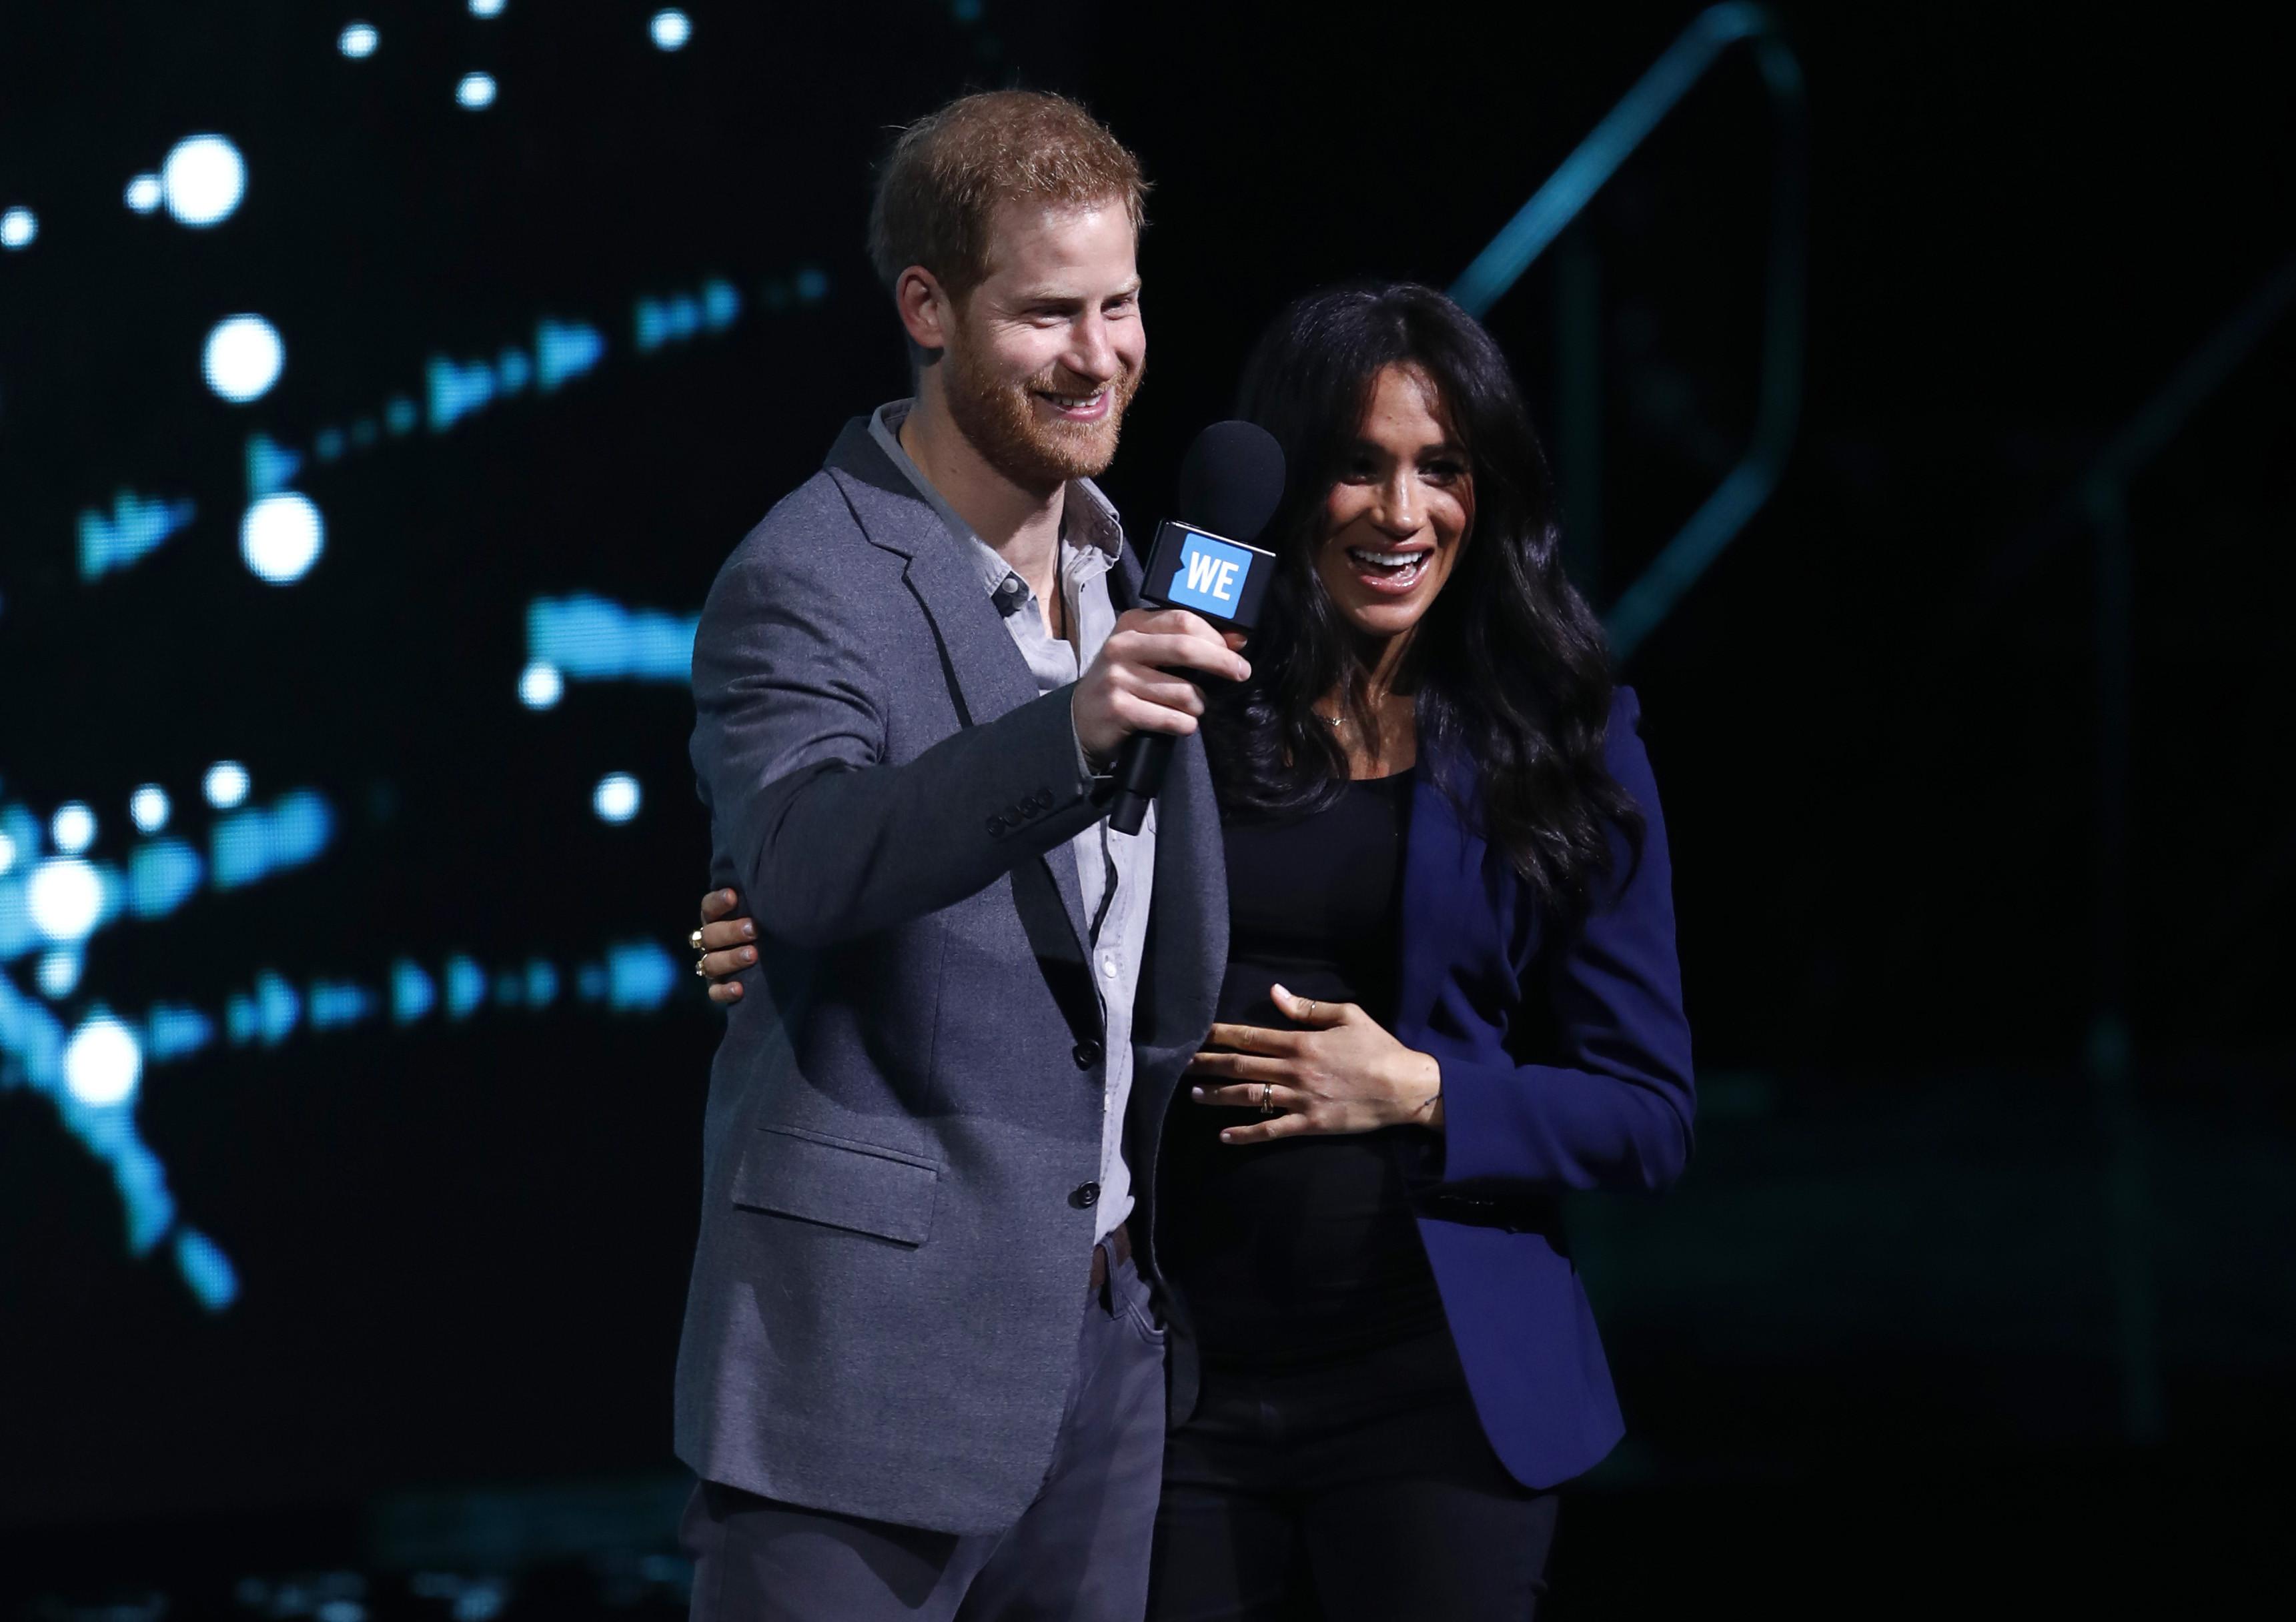 Príncipe Harry faz surpresa em evento ao chamar Meghan Markle ao palco